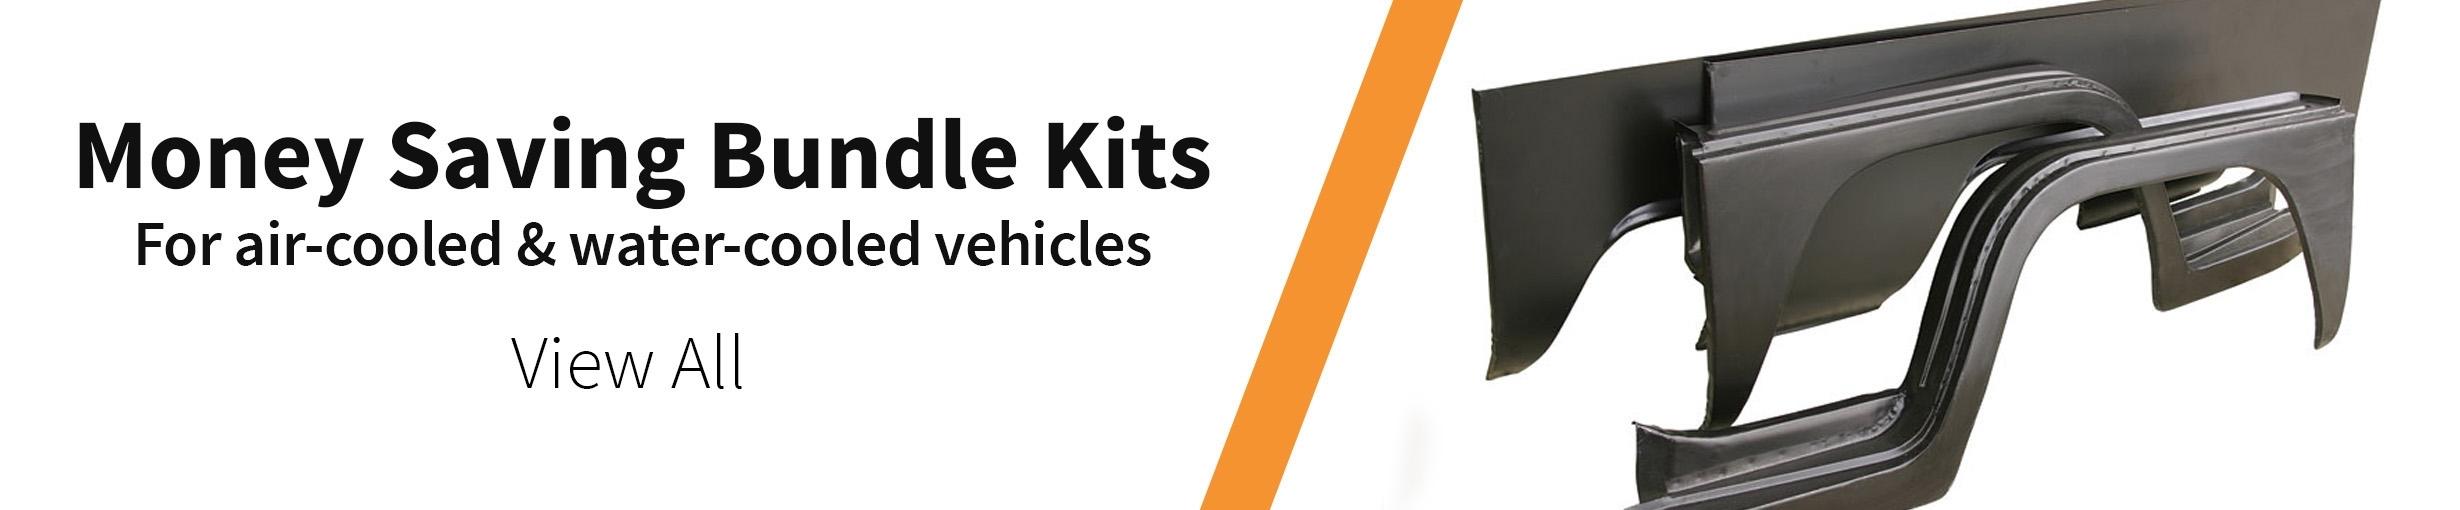 View All Bundle Kits